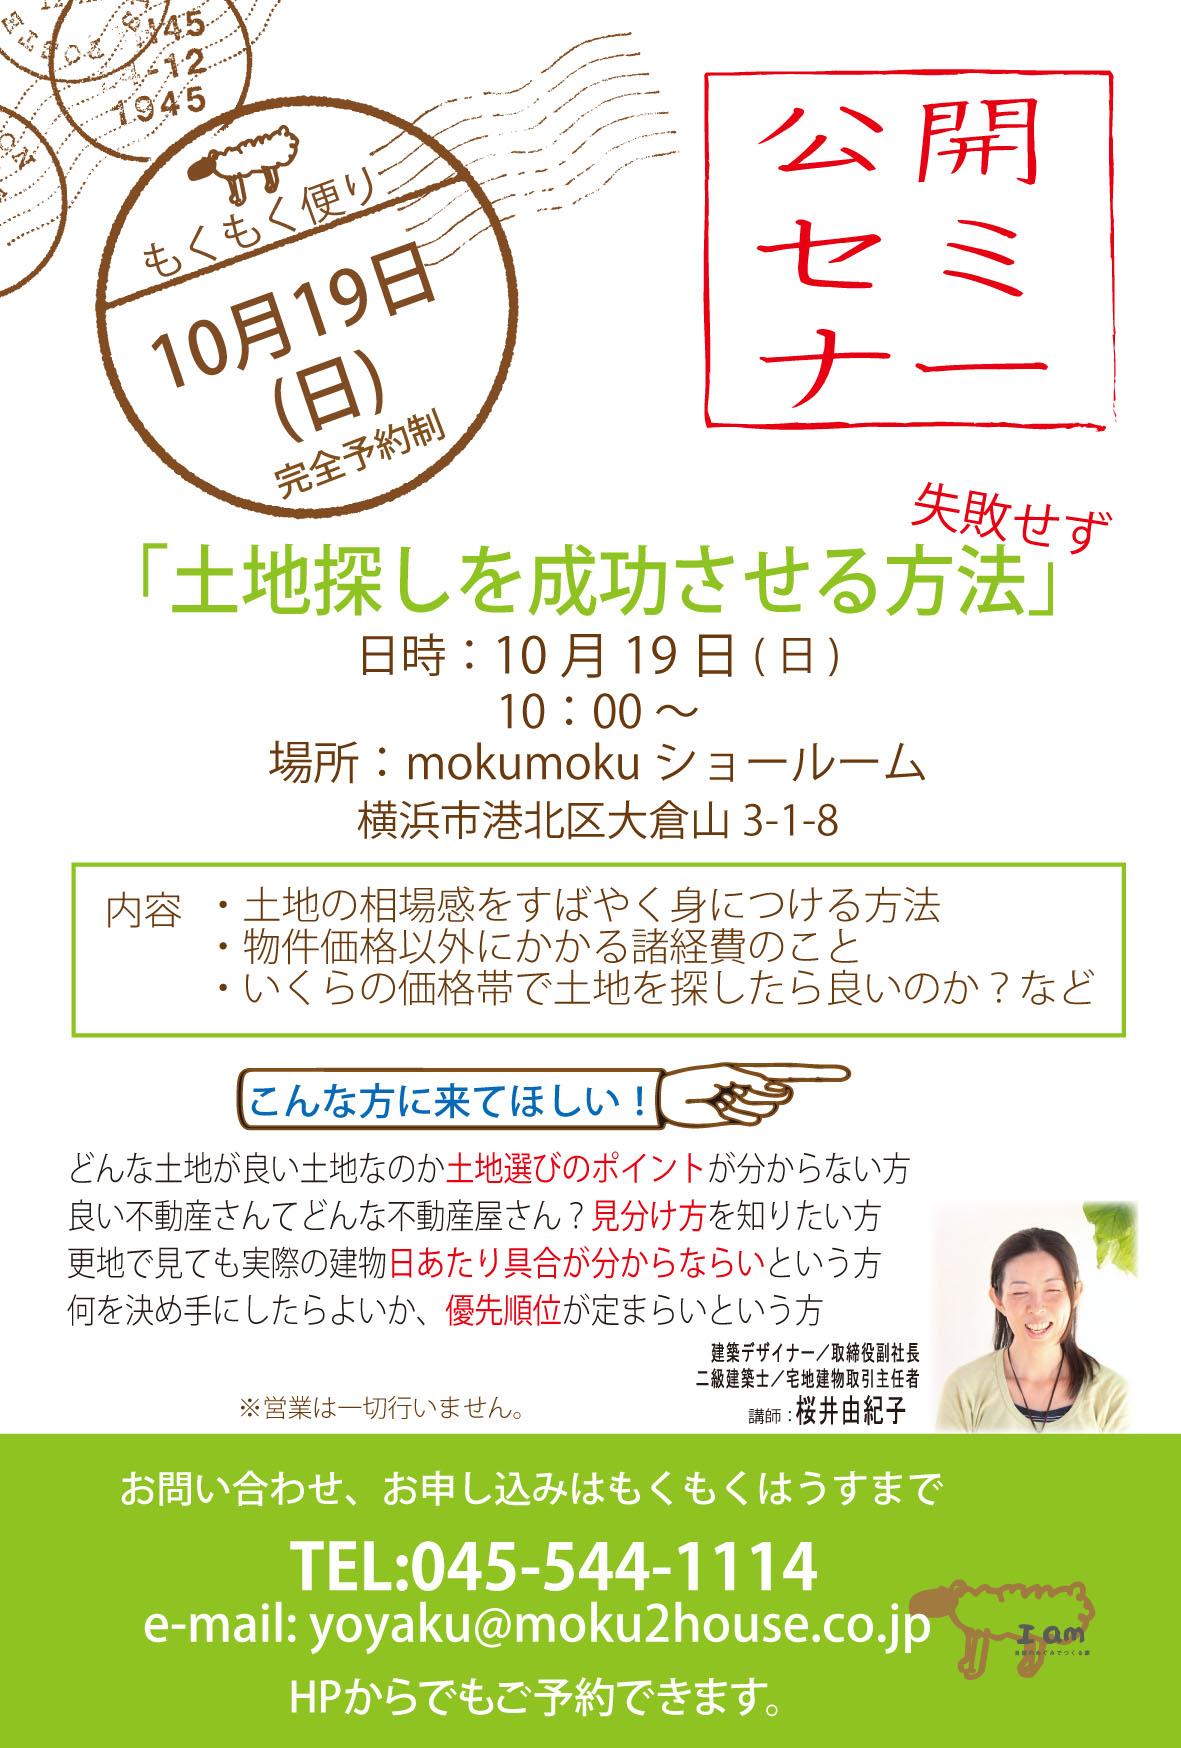 H26.10.19(日) 土地探しセミナー  at  mokumoku